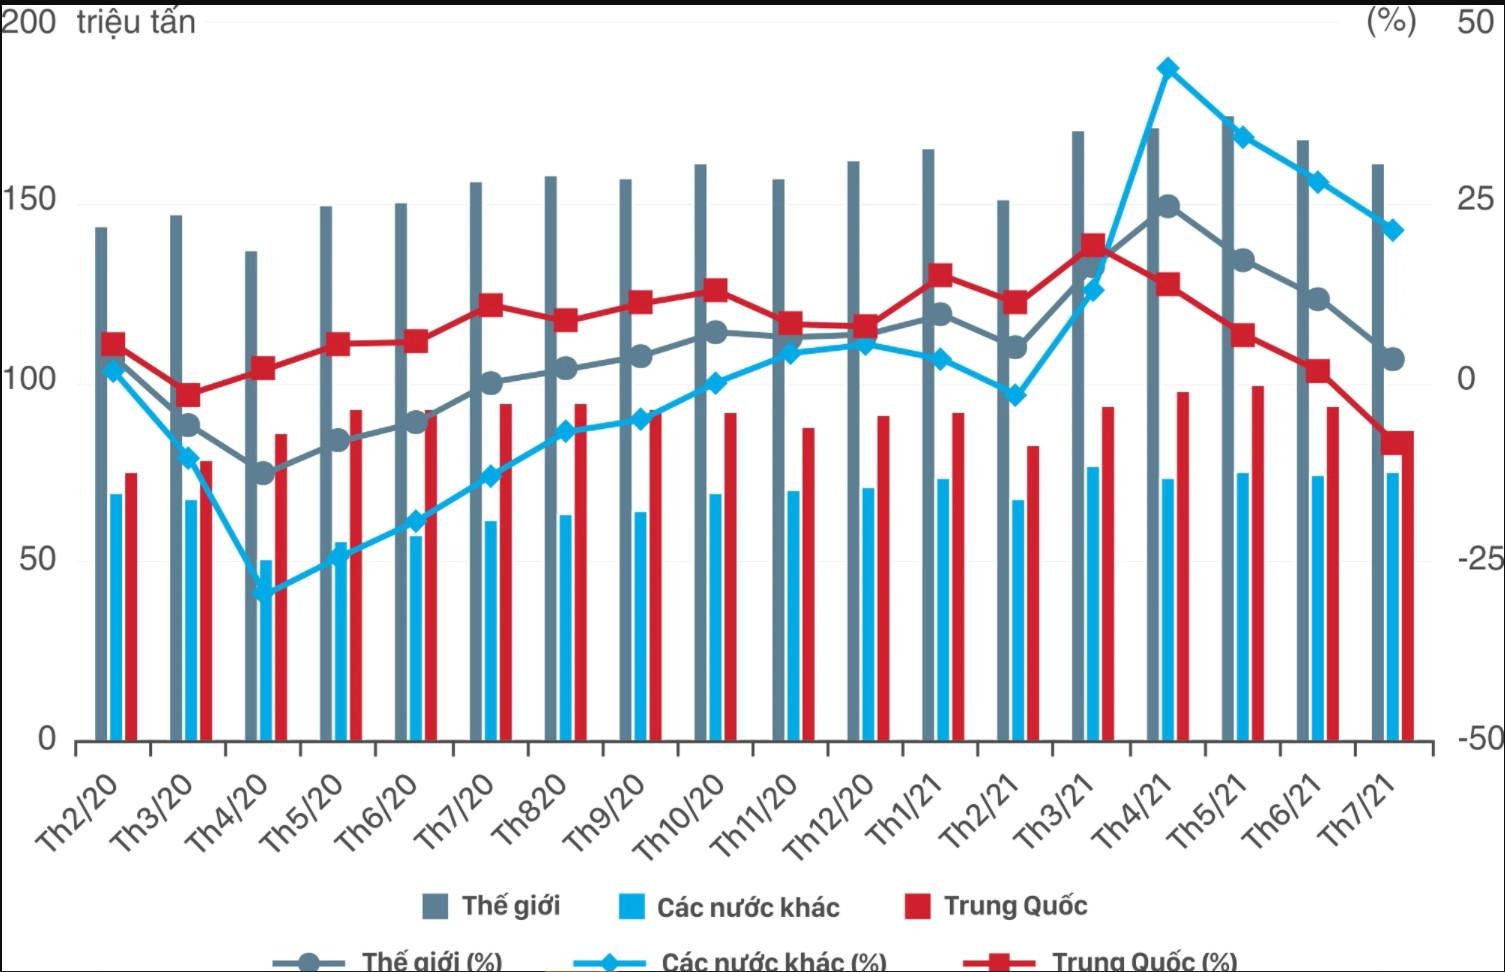 [Báo cáo] Thị trường thép tháng 8: Nhu cầu thép dự kiến sẽ giảm chậm để cân bằng với mức giá tăng cao